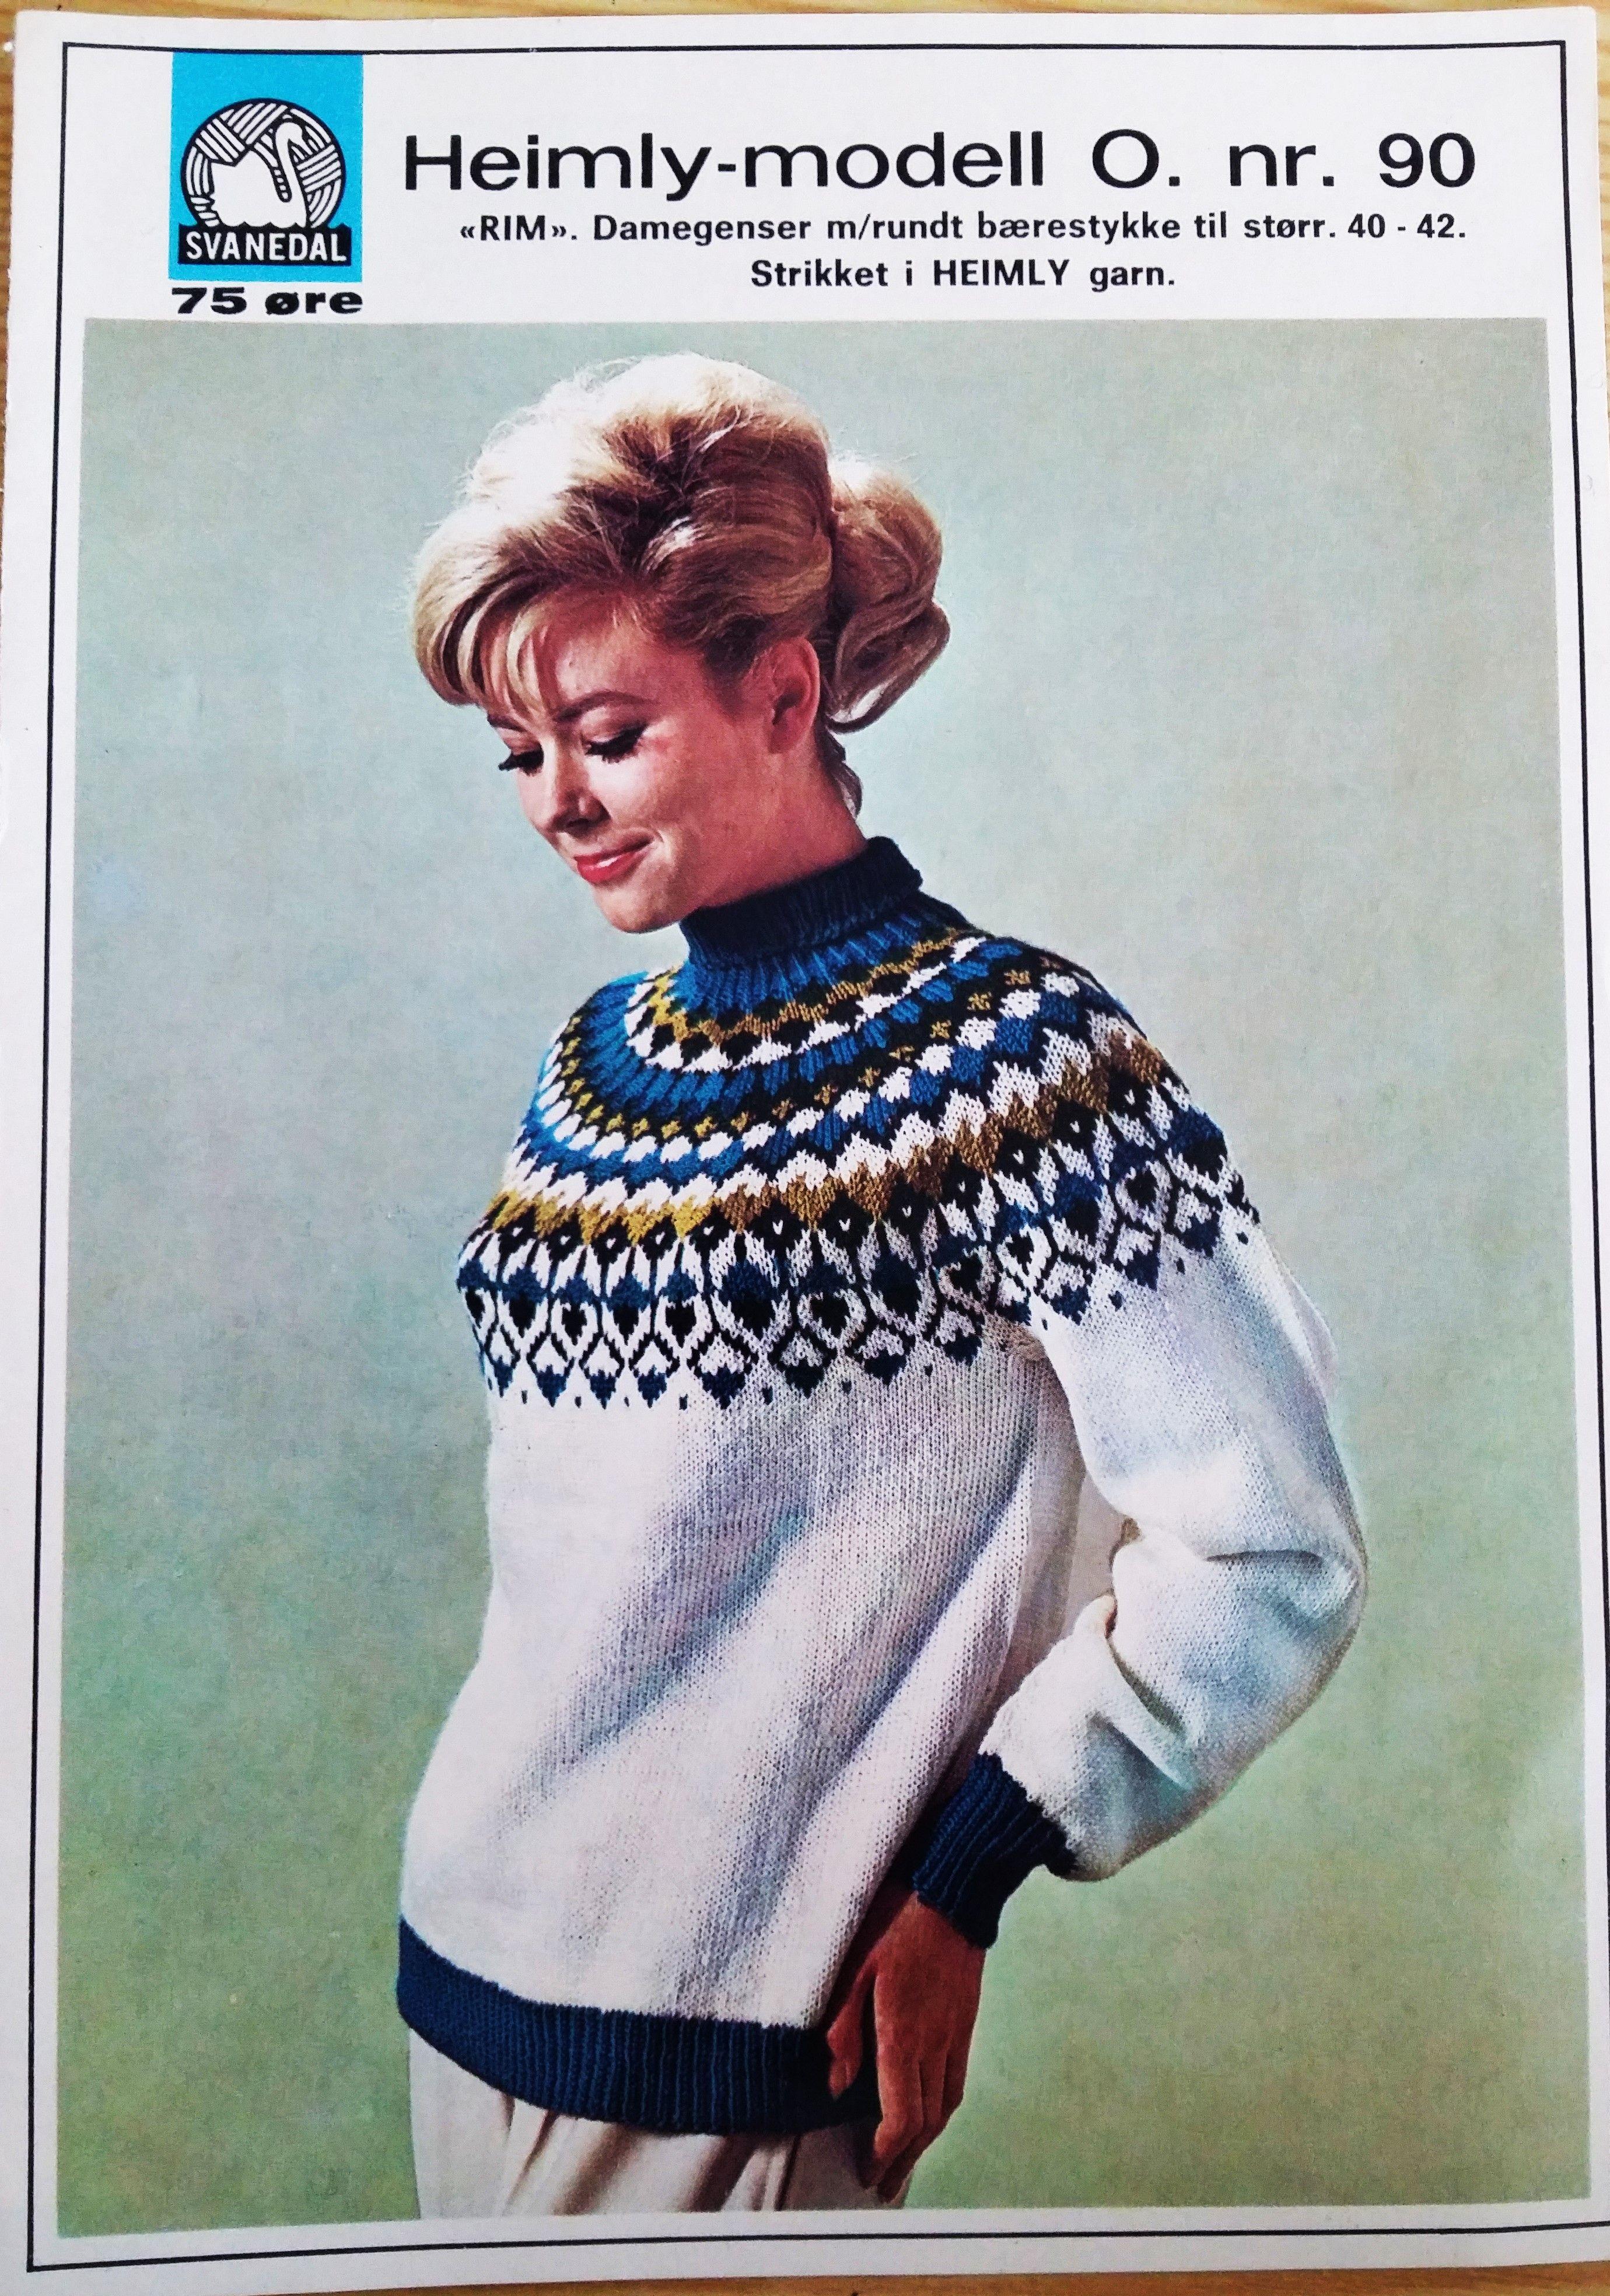 Svanedal Rim 90 | Old norwegian knitting | Pinterest | Sacos, Dos ...